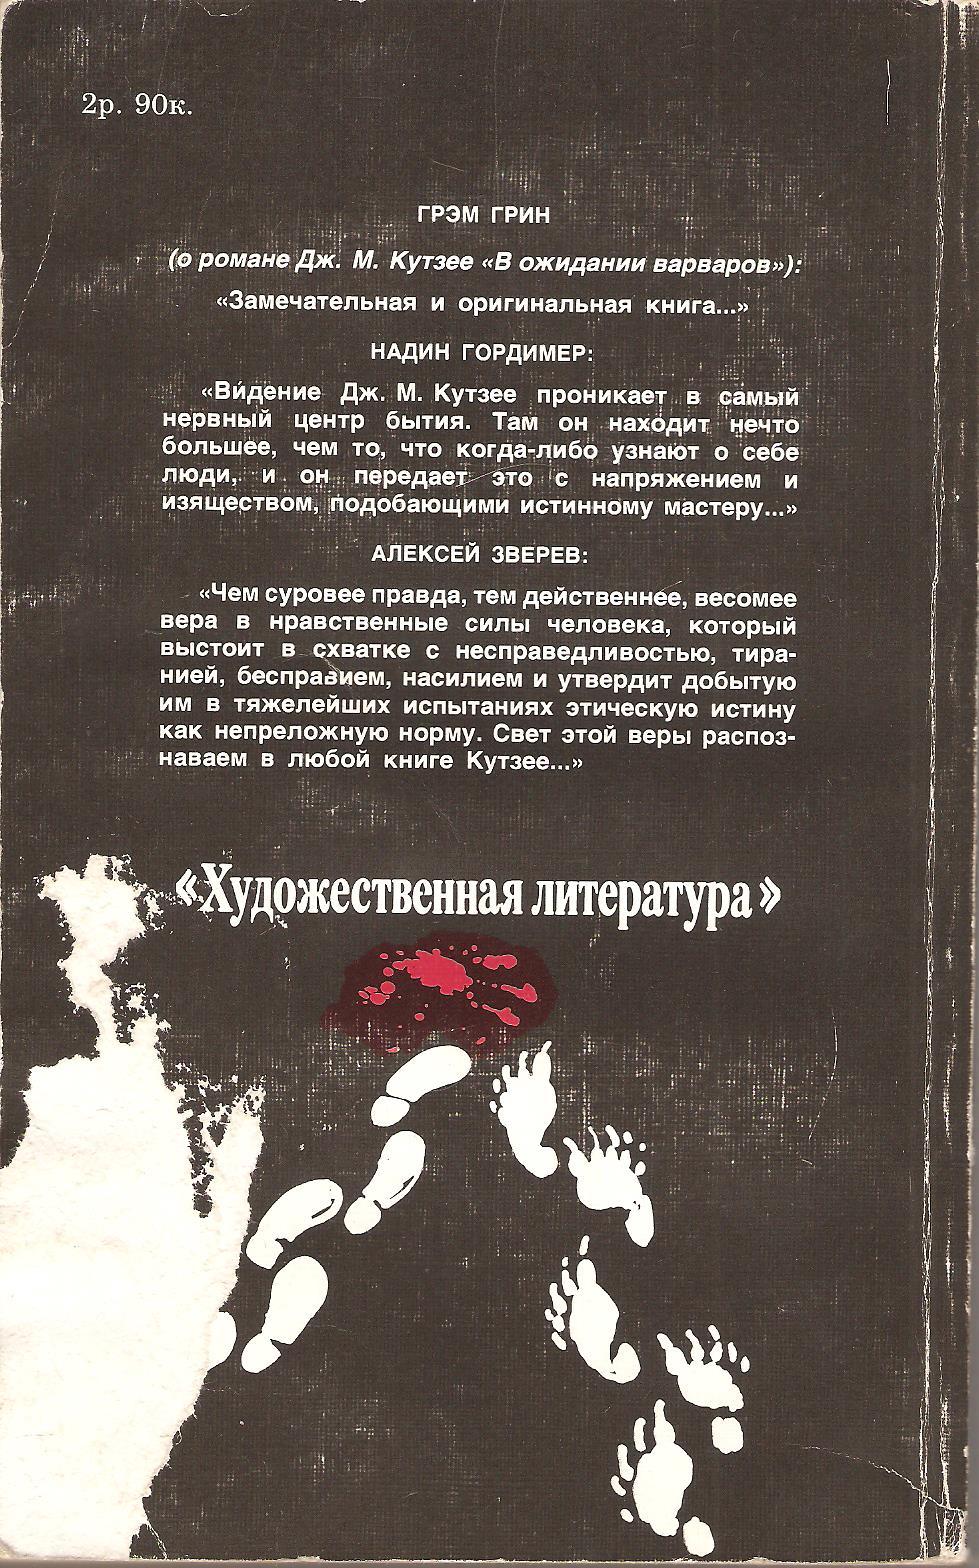 М. Кутзее. Жизнь и время Михаила К 002.jpg